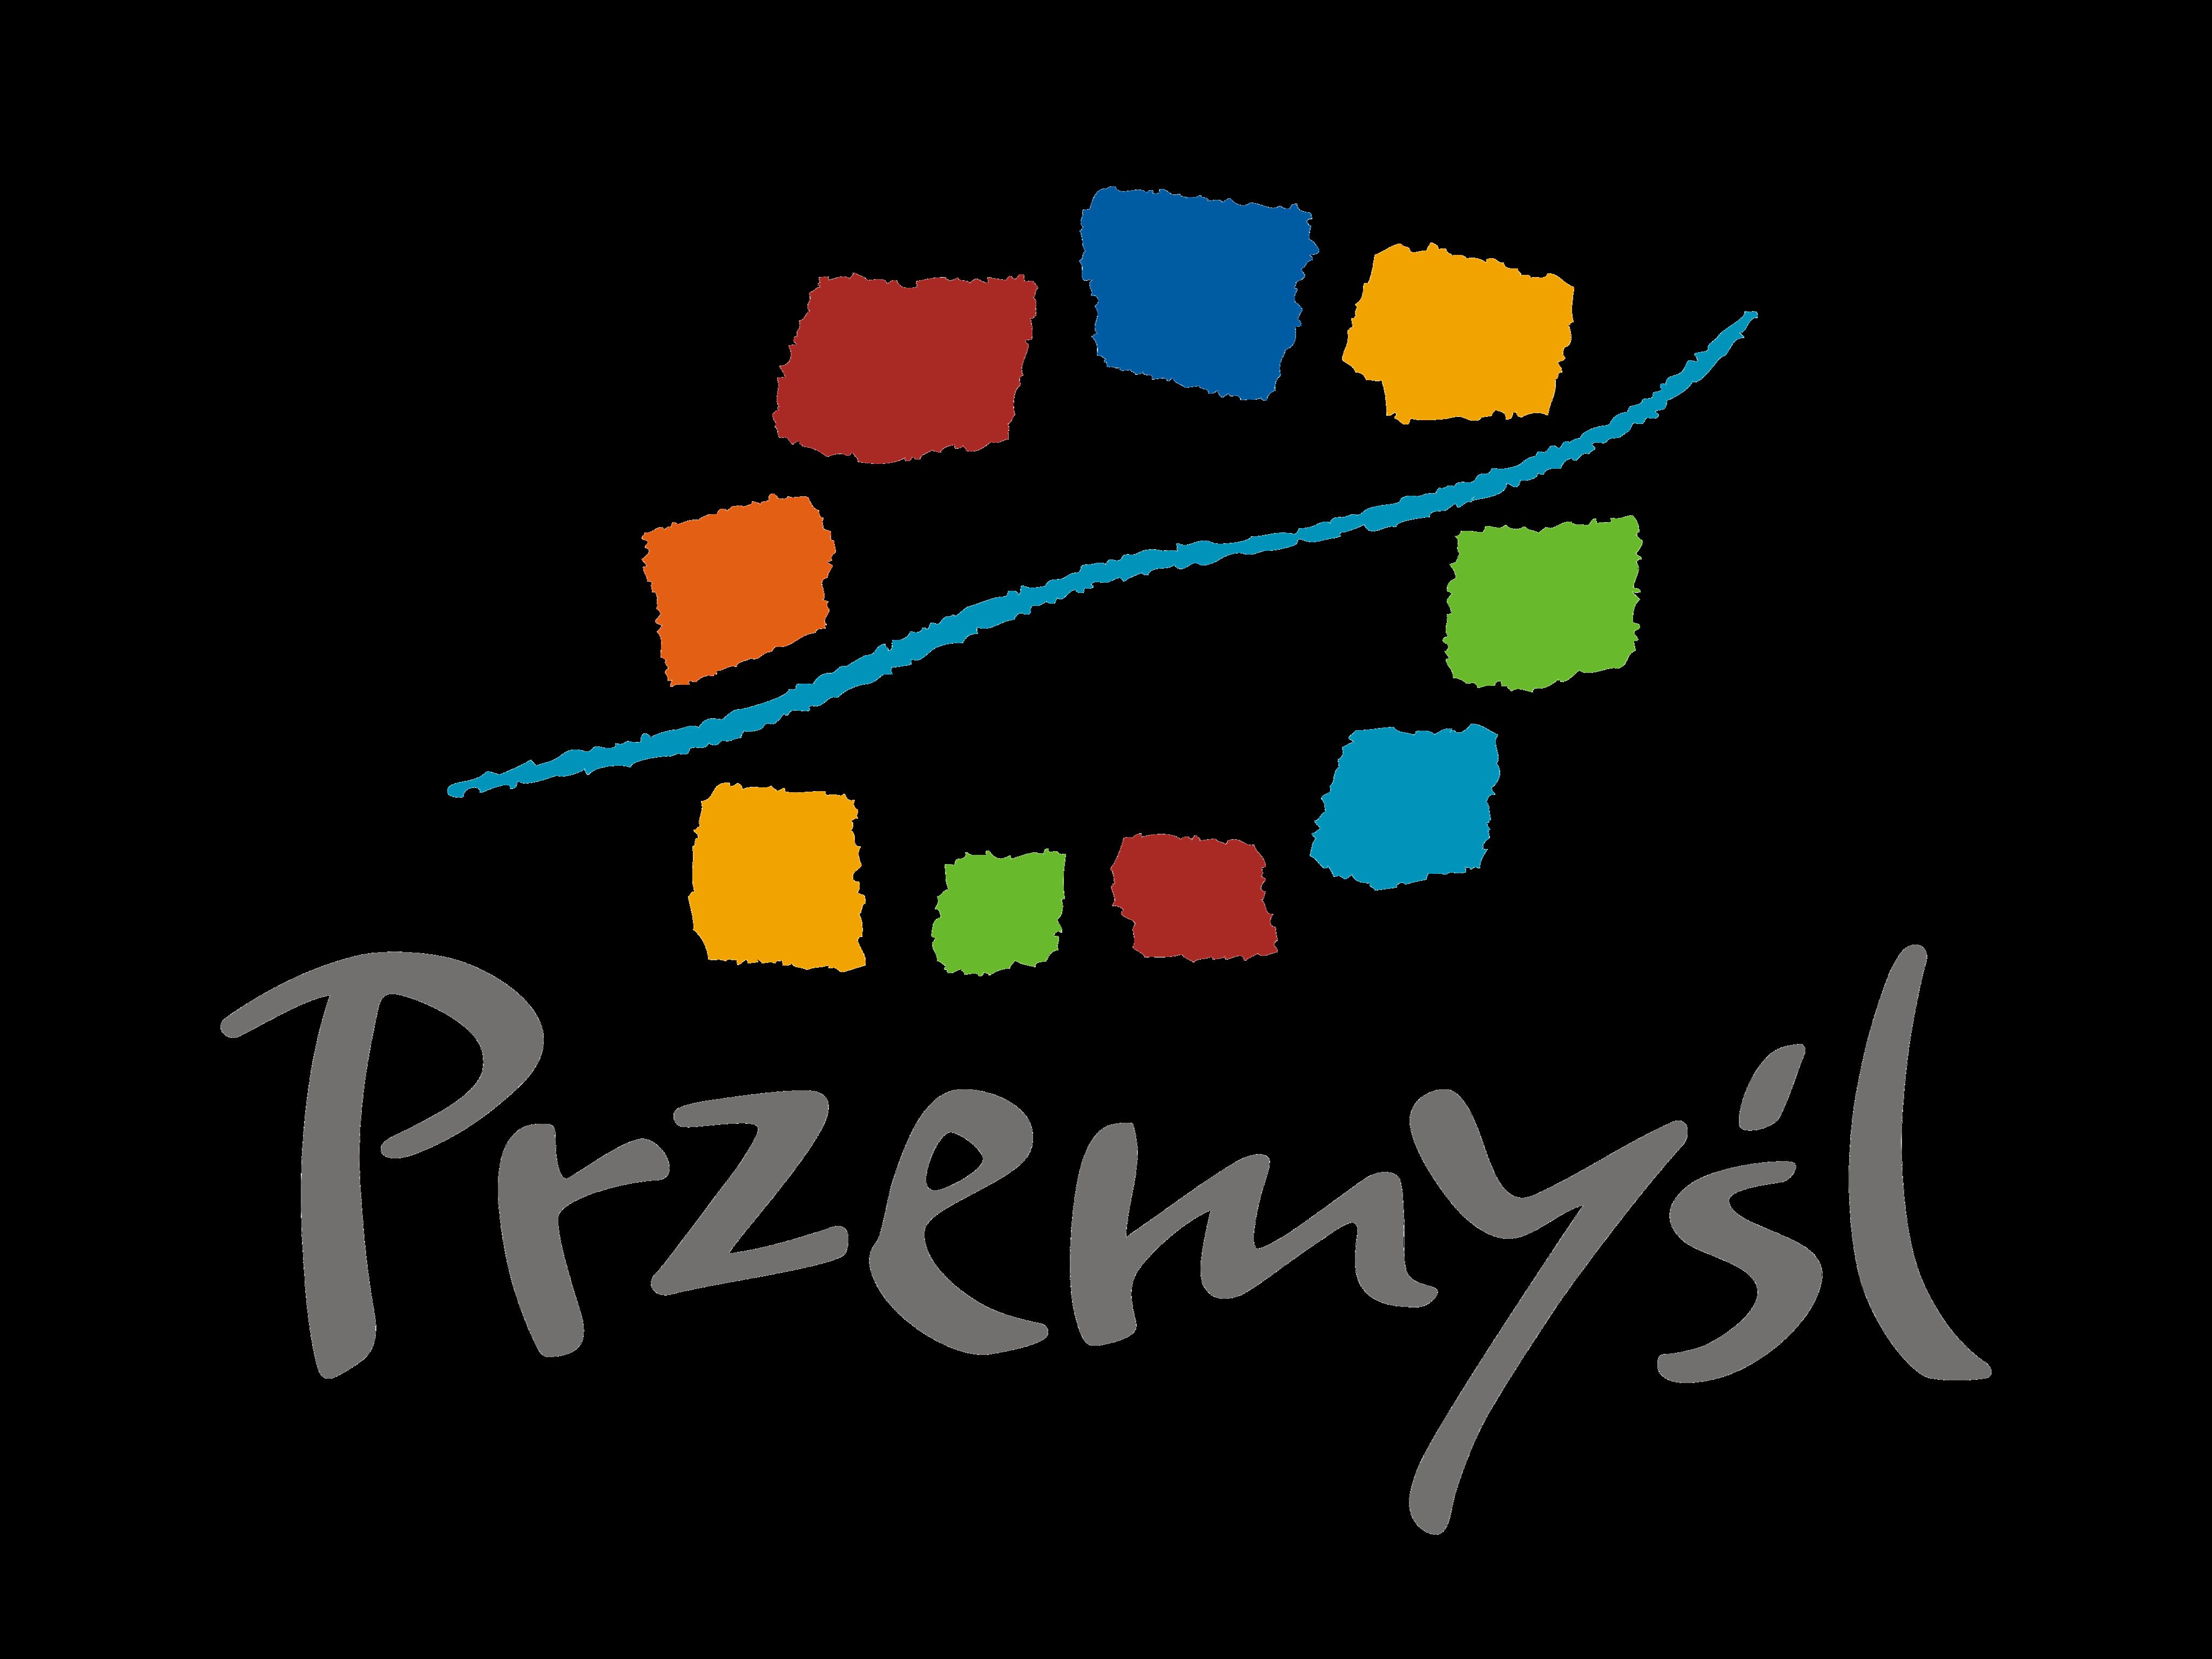 Logo Promocyjne Miasta Przemyśla